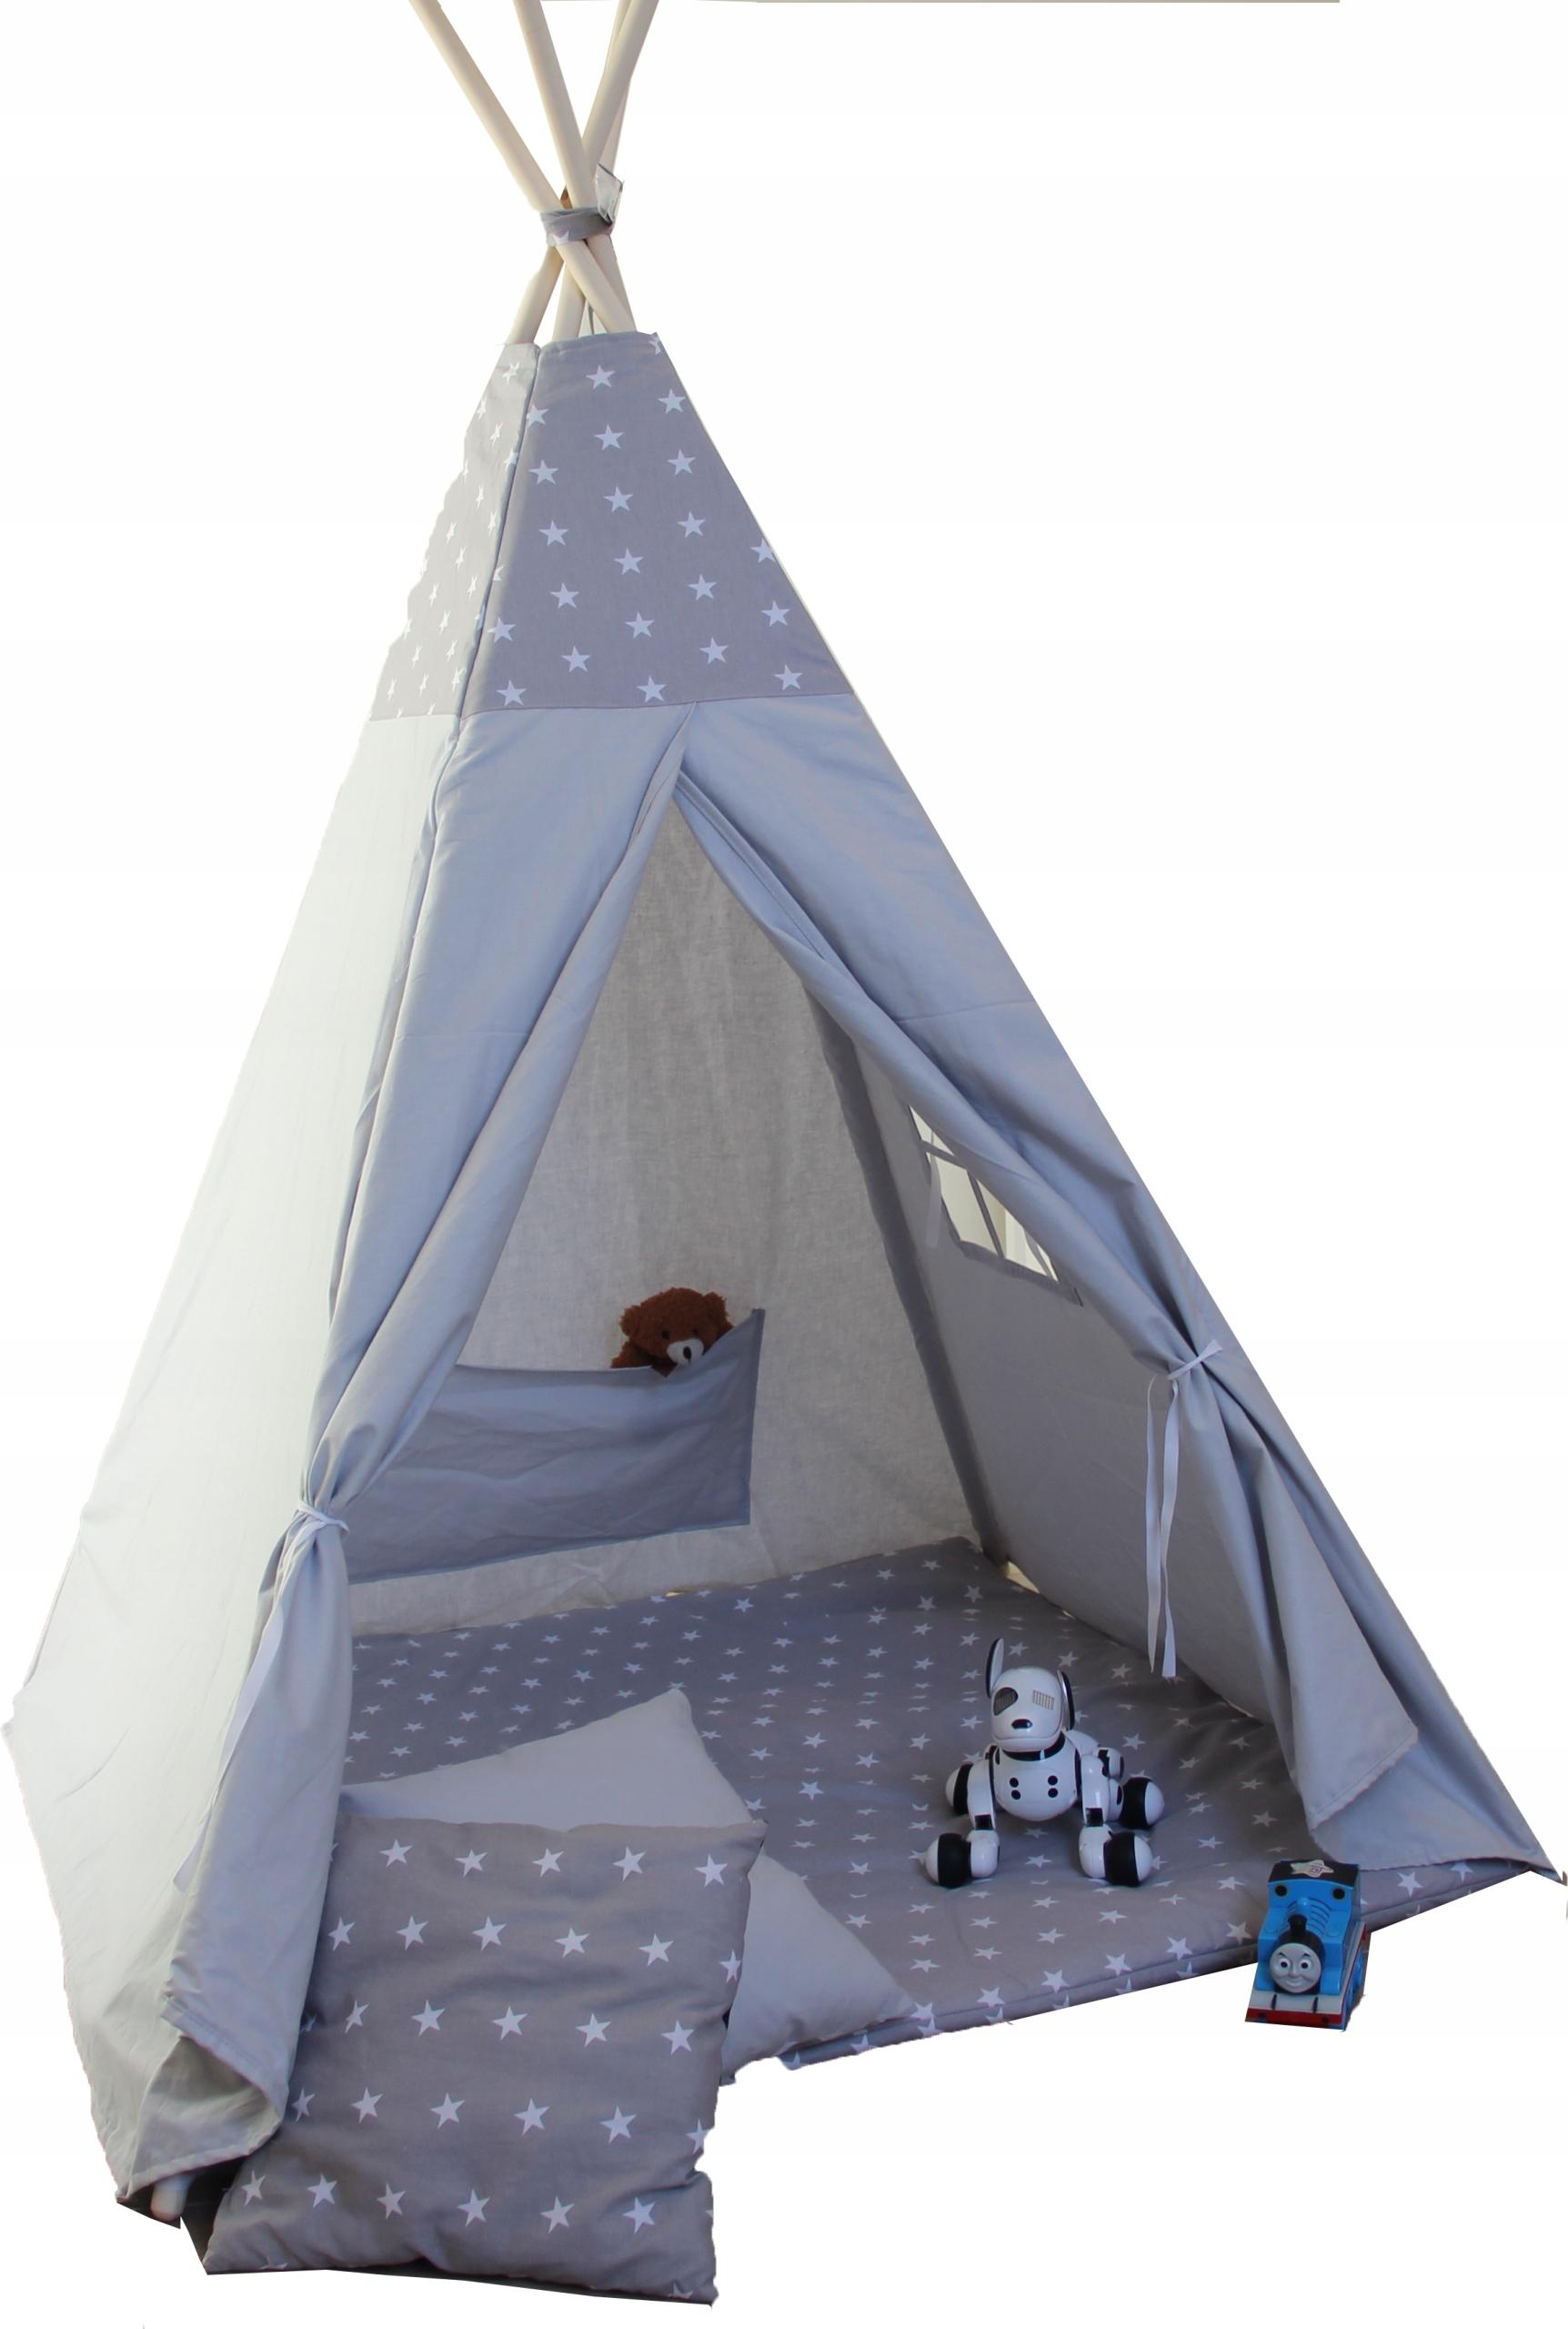 Детская палатка TIPI, вигвам, типи + БЕСПЛАТНО!